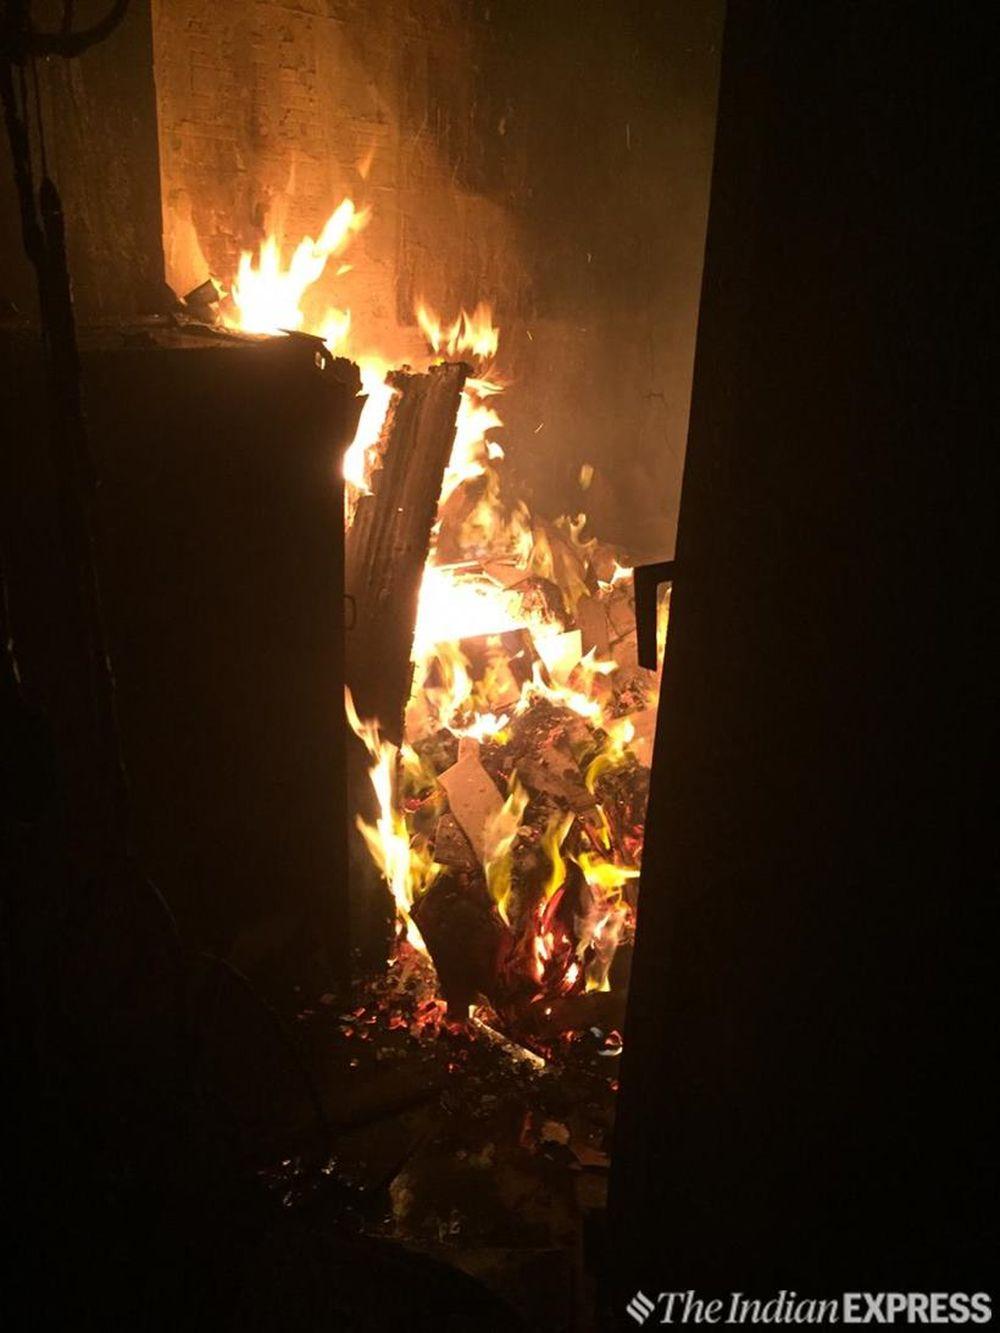 Ấn Độ: Hỏa hoạn gây thương vong lớn tại khách sạn ở New Delhi - Đảng